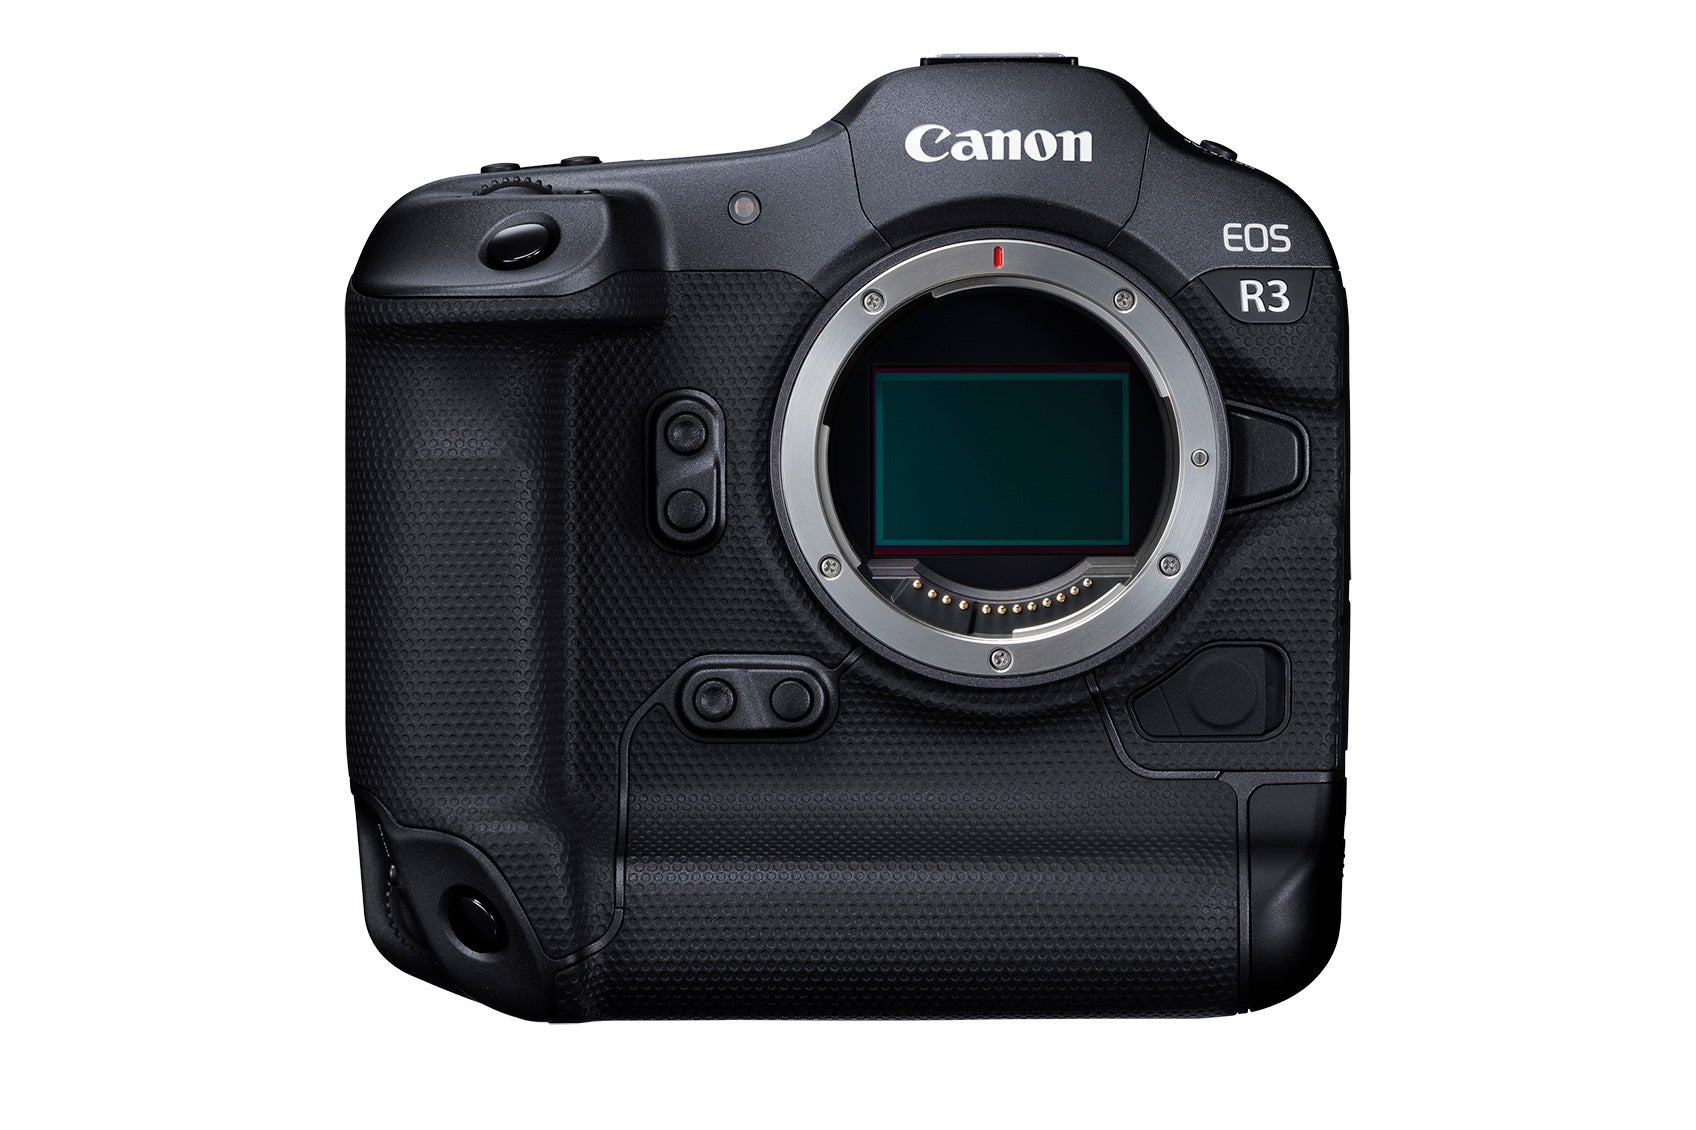 Canon EOS R3 mirrorless camera no lens